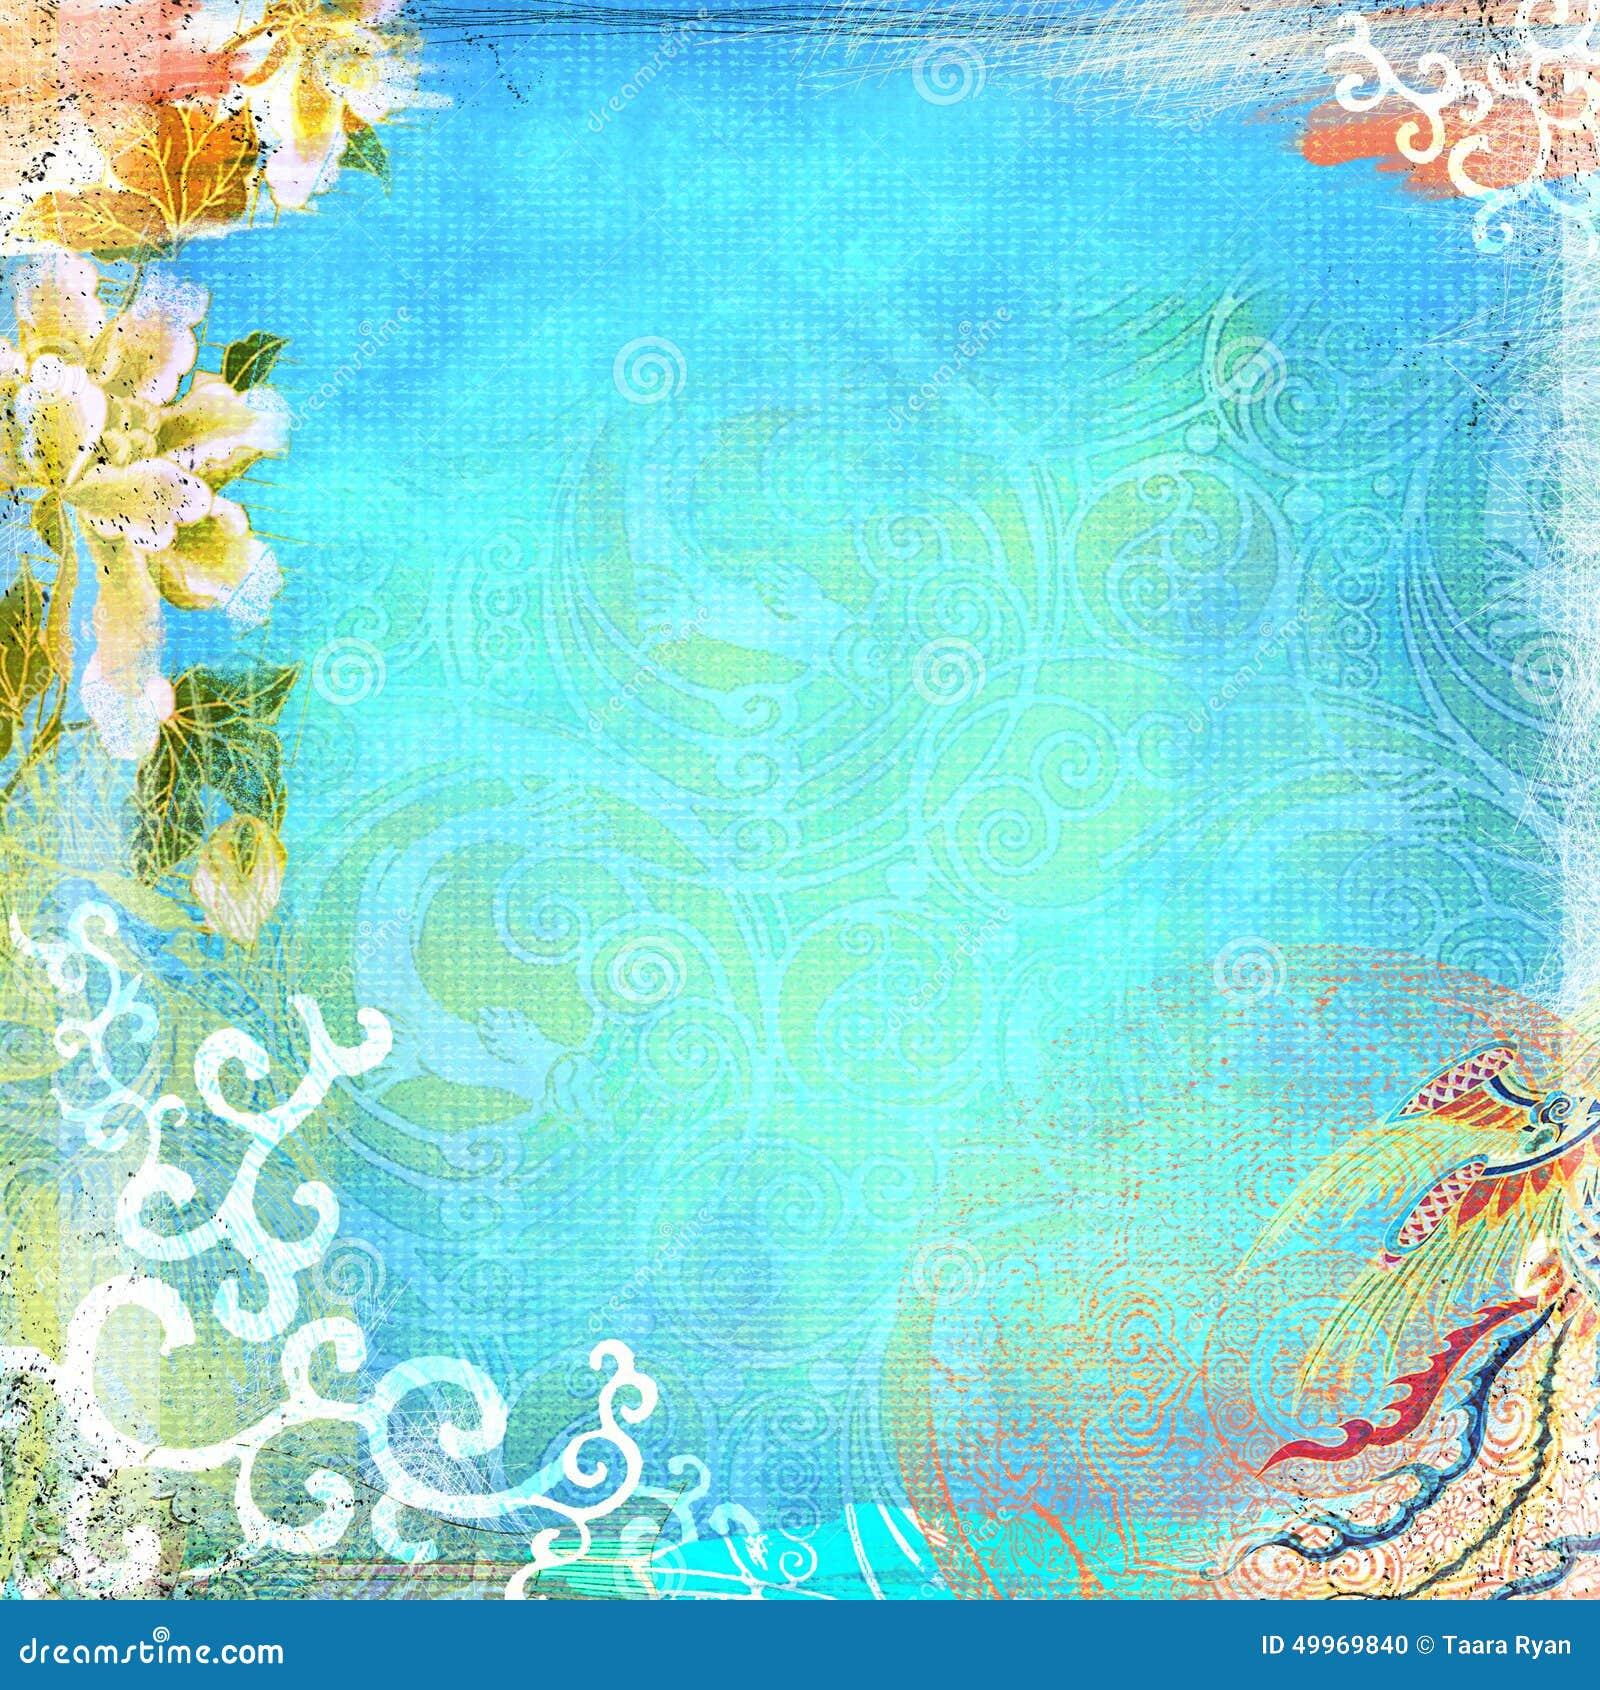 Boho Teatime Grunge Paper Background Turquoise